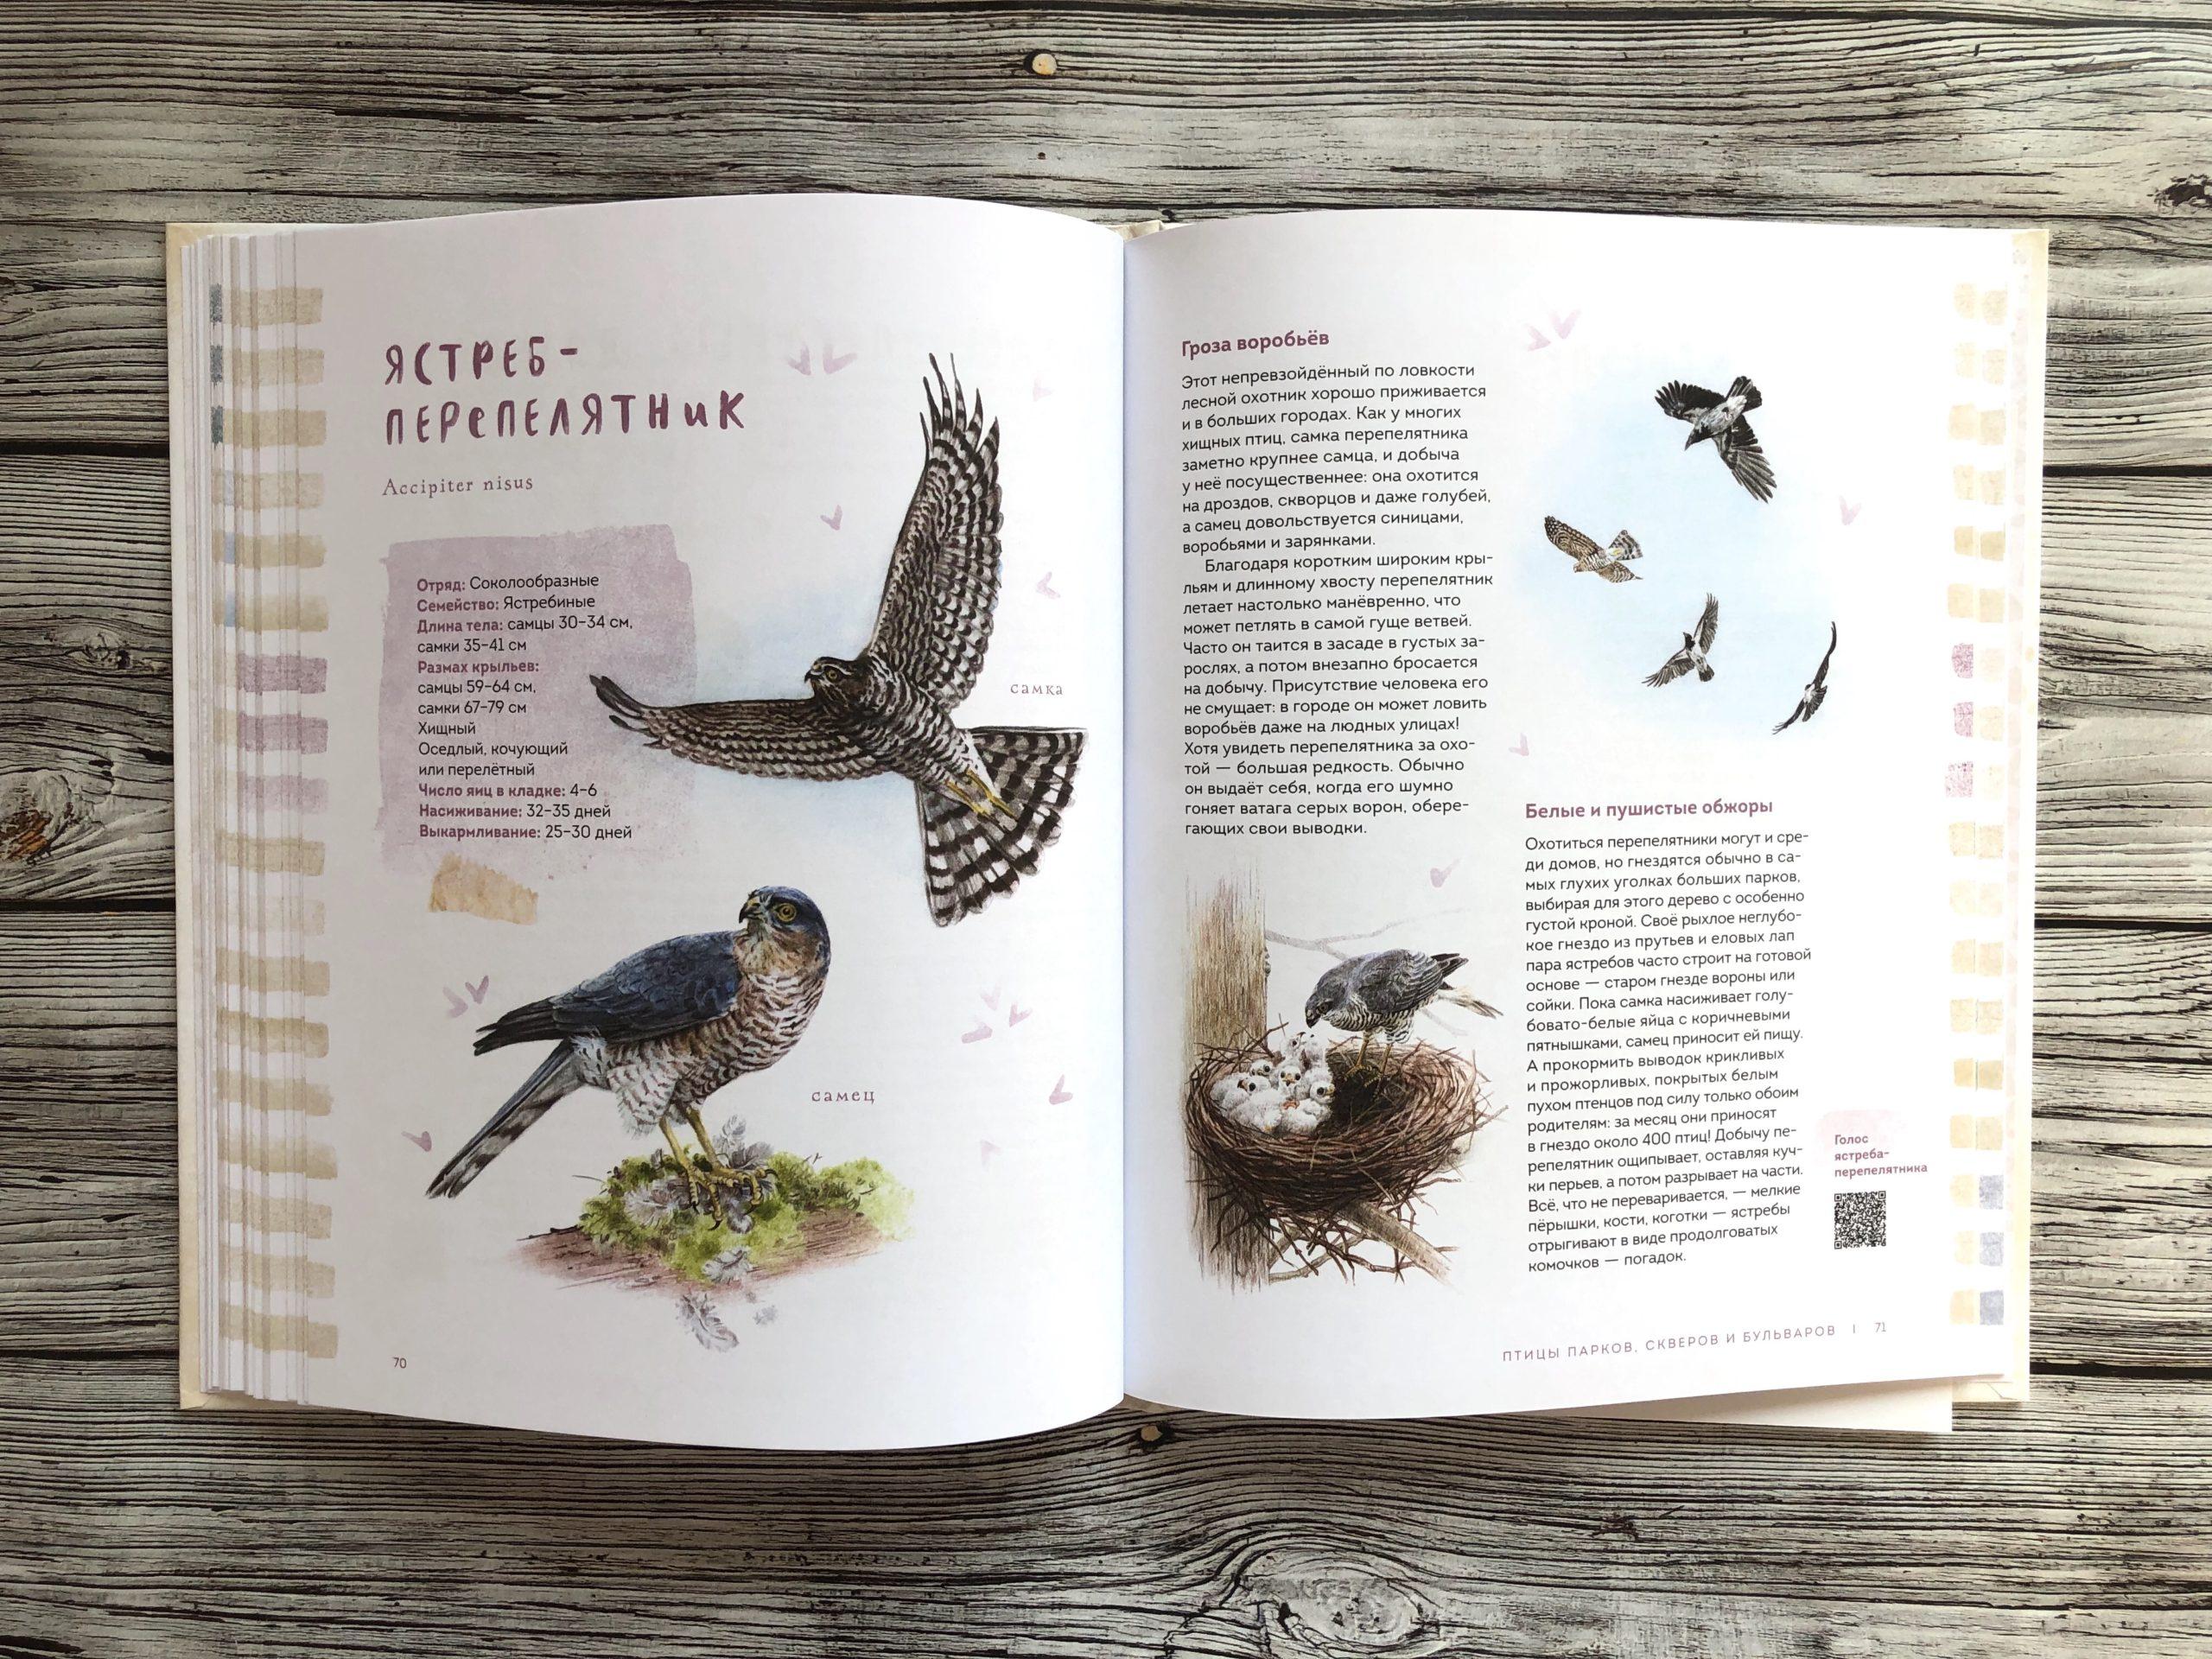 Очень красивая и полезная книга о птицах для детей - Птицы в городе 12